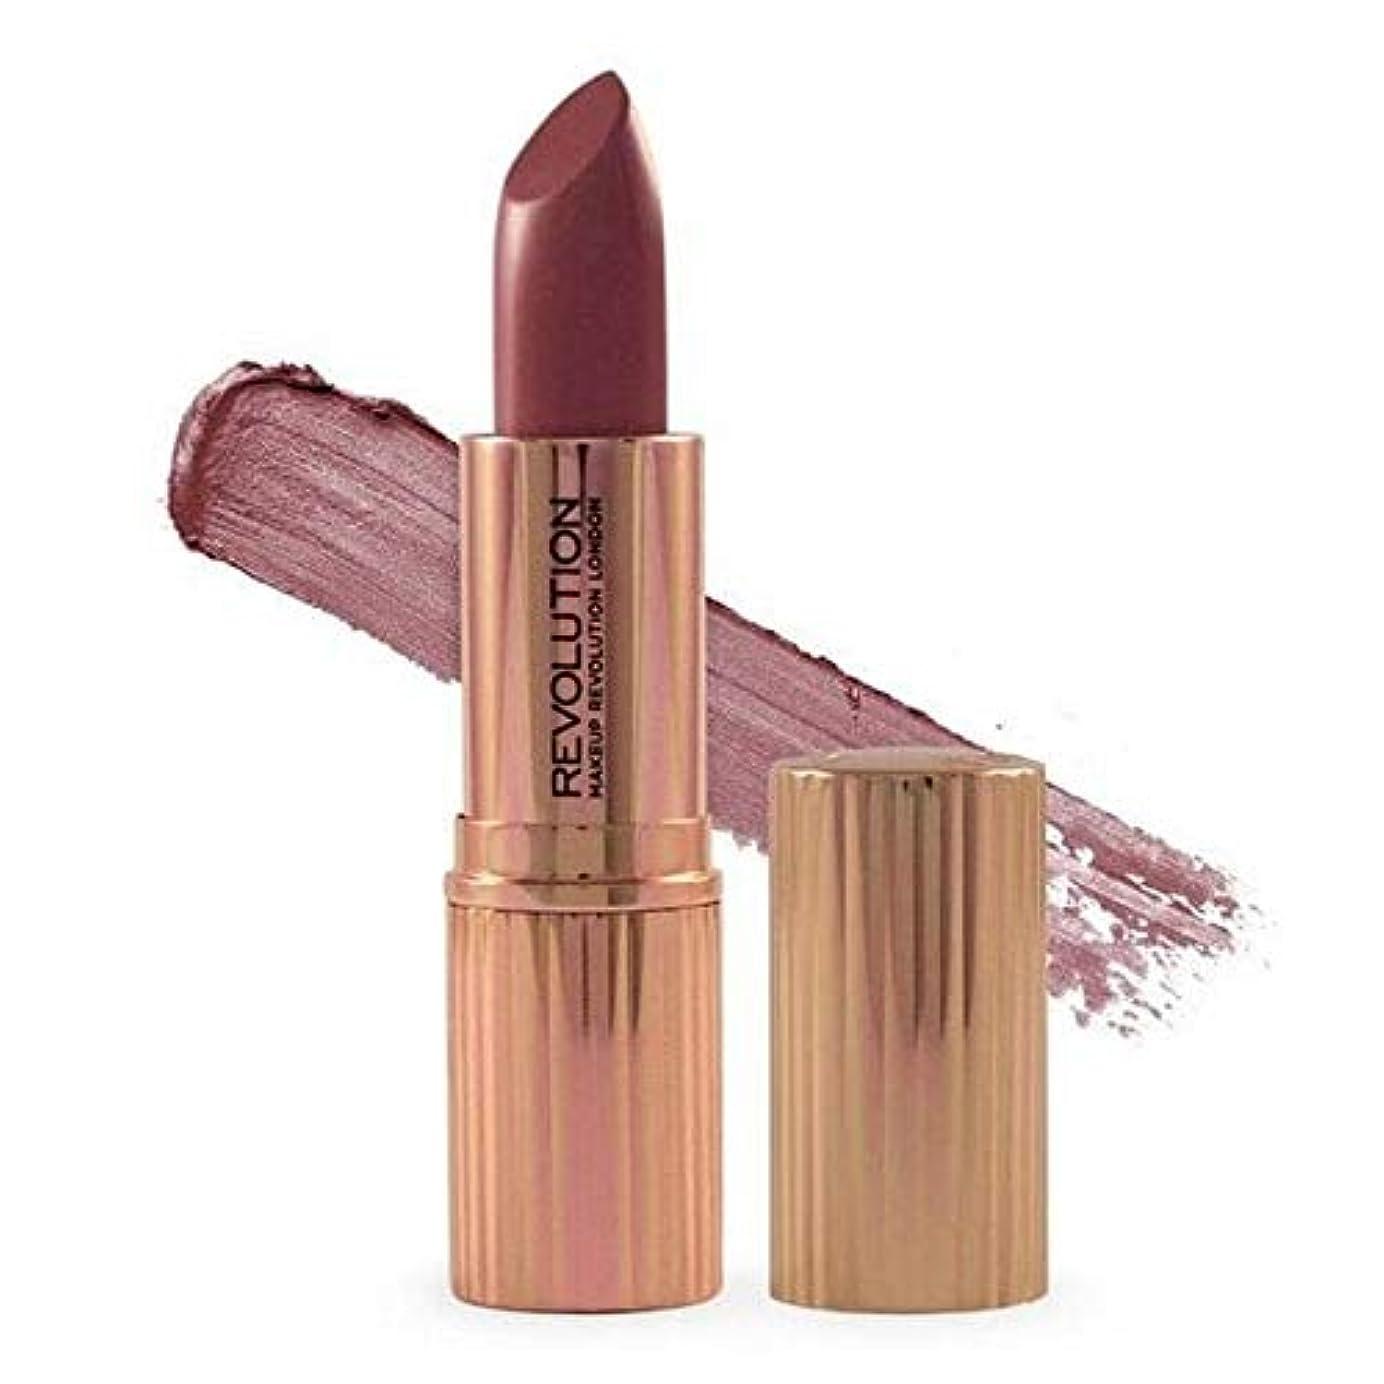 サリーストロー余分な[Revolution ] 革命のルネサンス口紅更新 - Revolution Renaissance Lipstick Renew [並行輸入品]